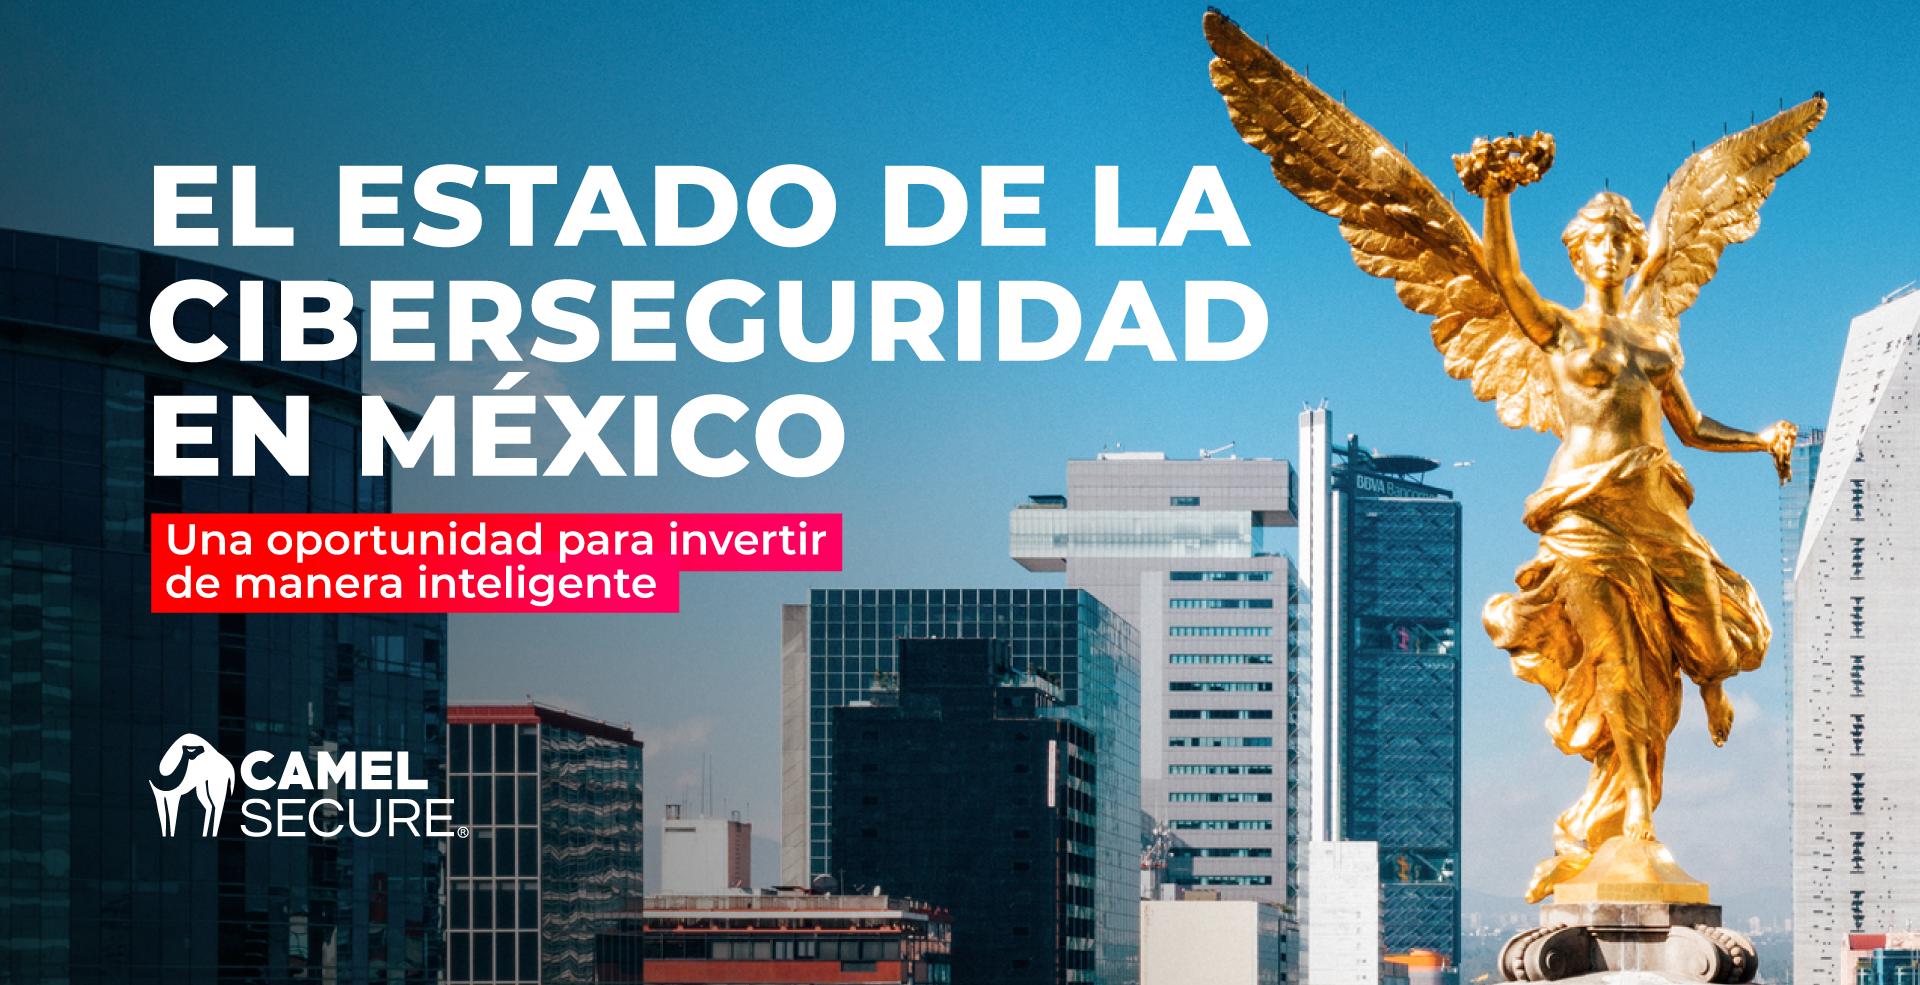 El Estado de la Ciberseguridad en México